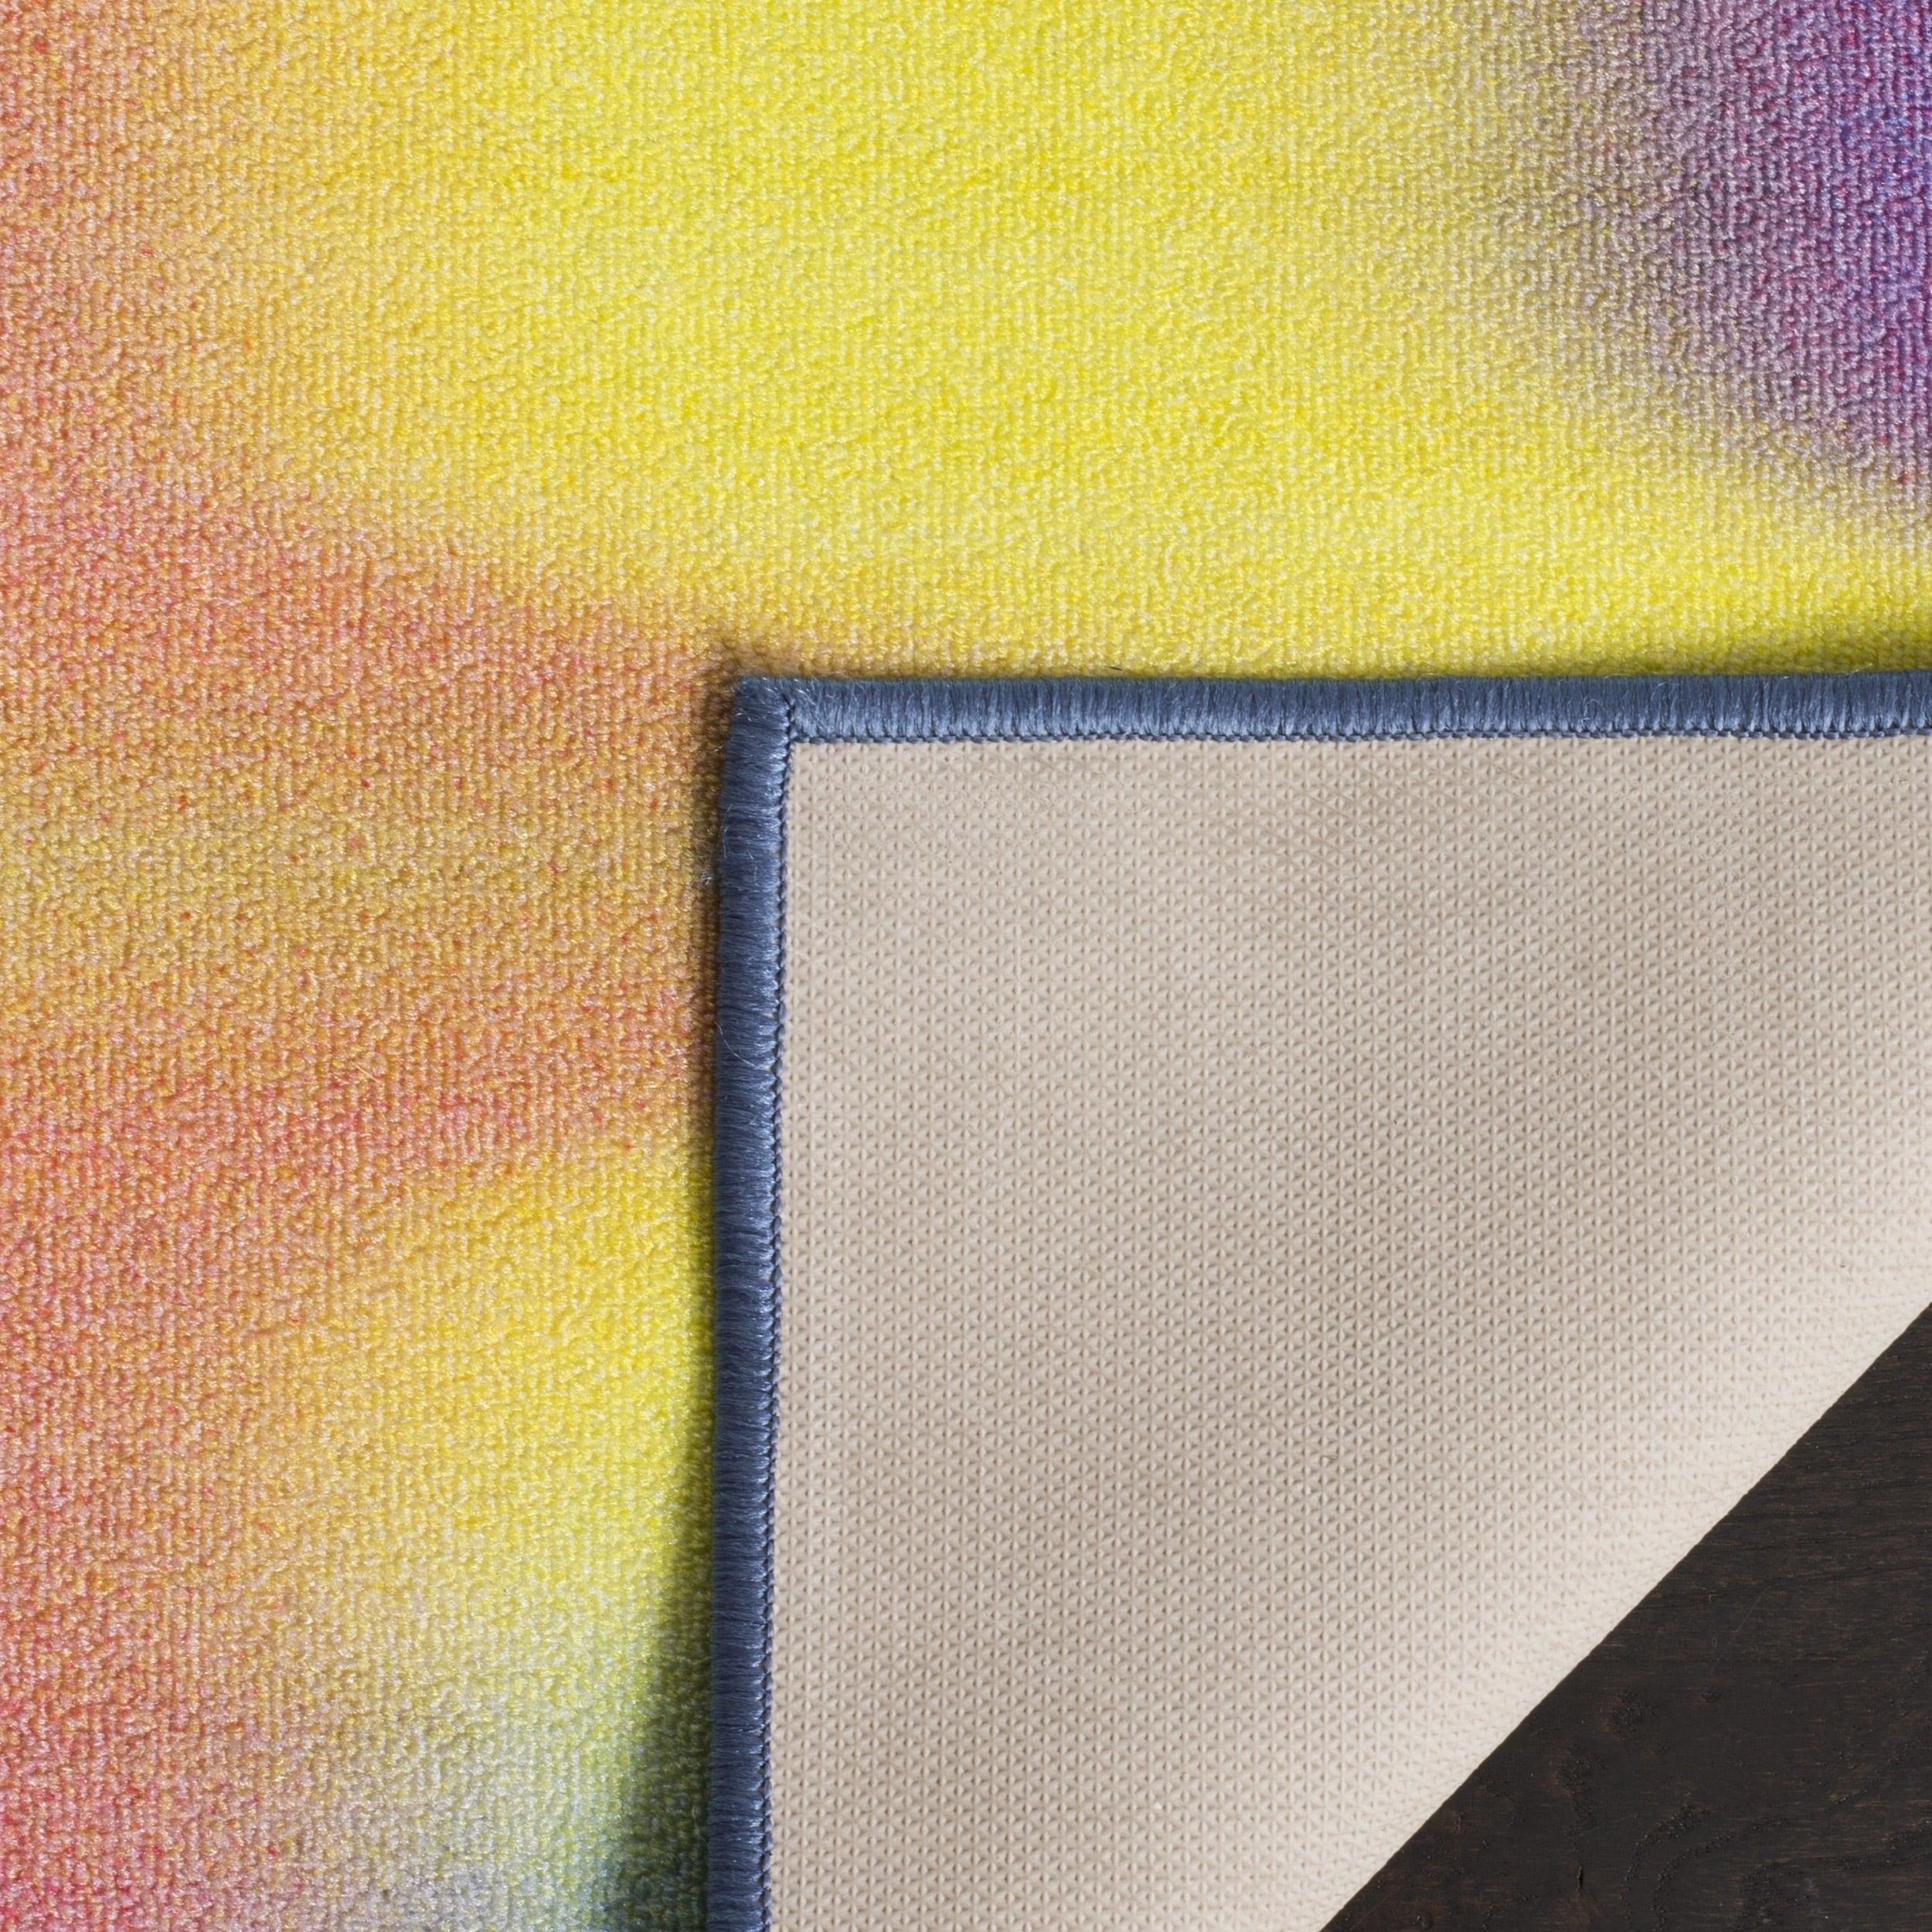 Safavieh Paint Brush Pink Yellow Area Rug  6 7